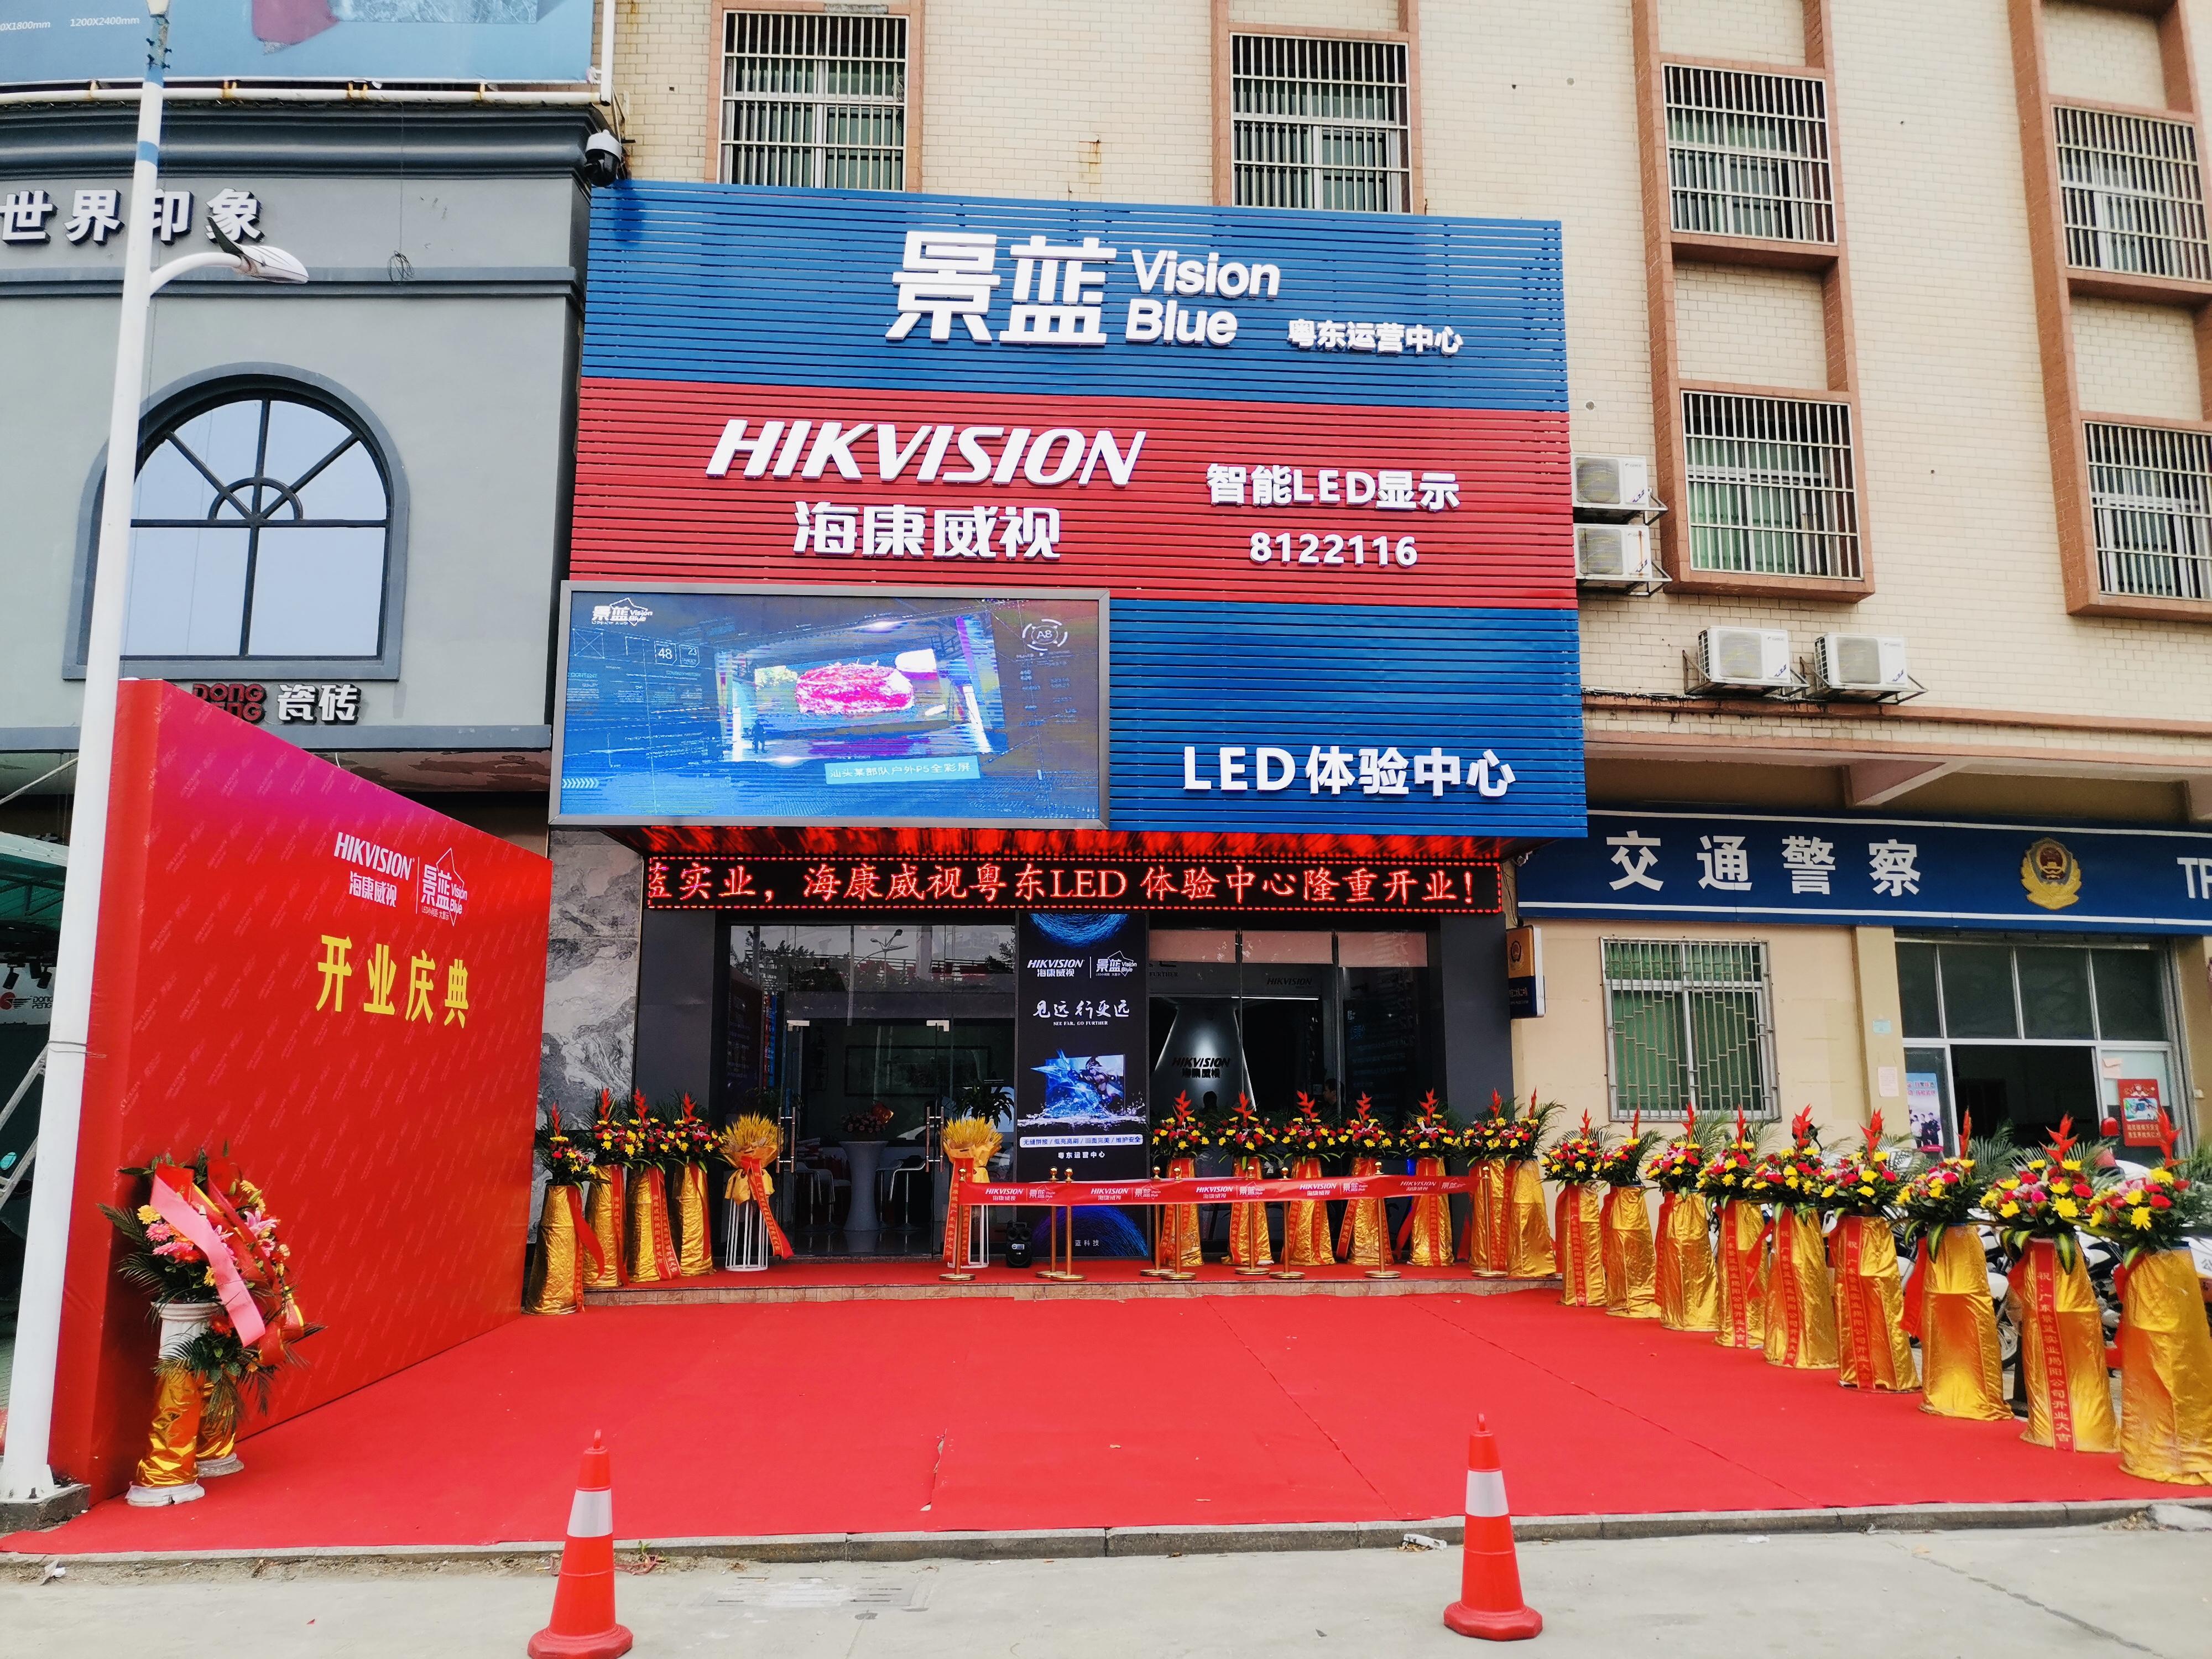 见远 行更远—广东景蓝实业海康LED显示粤东体验中心开业庆典